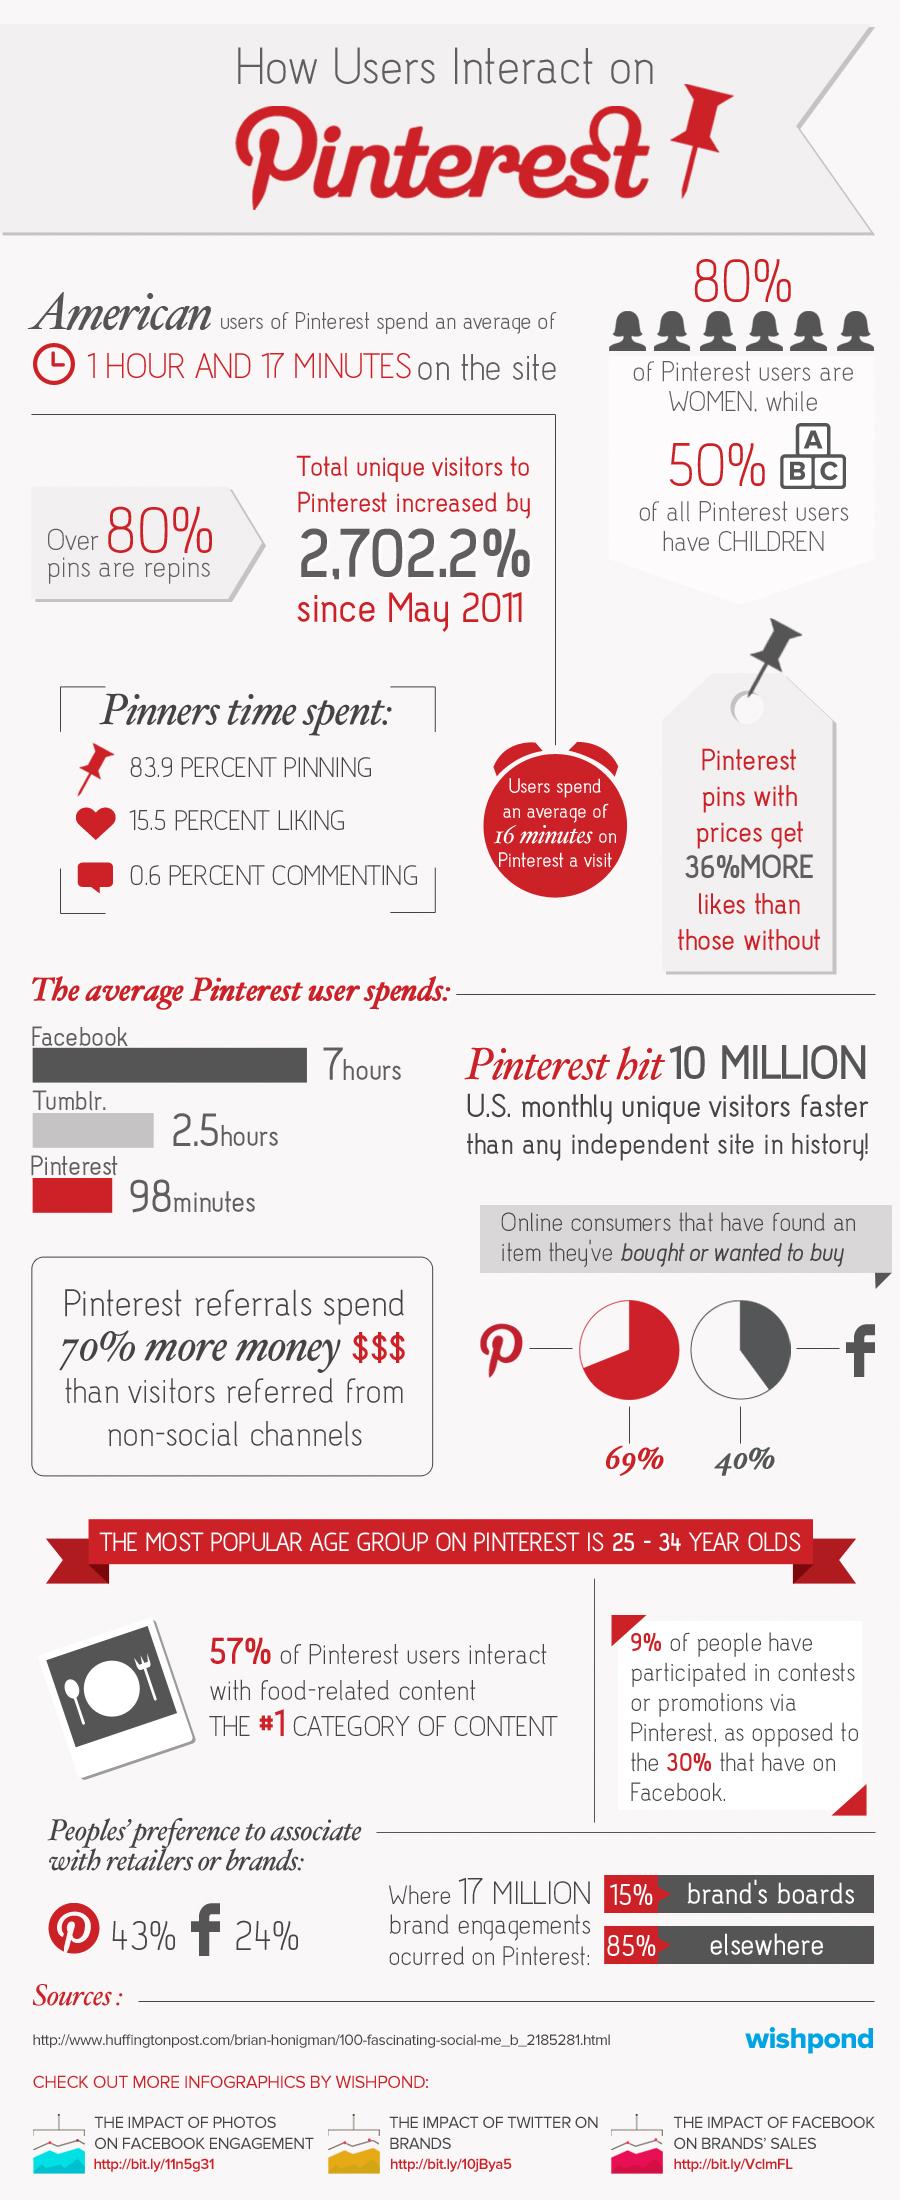 Kullanıcılar Pinterest'te Birbirlerini Nasıl Etkiliyorlar?